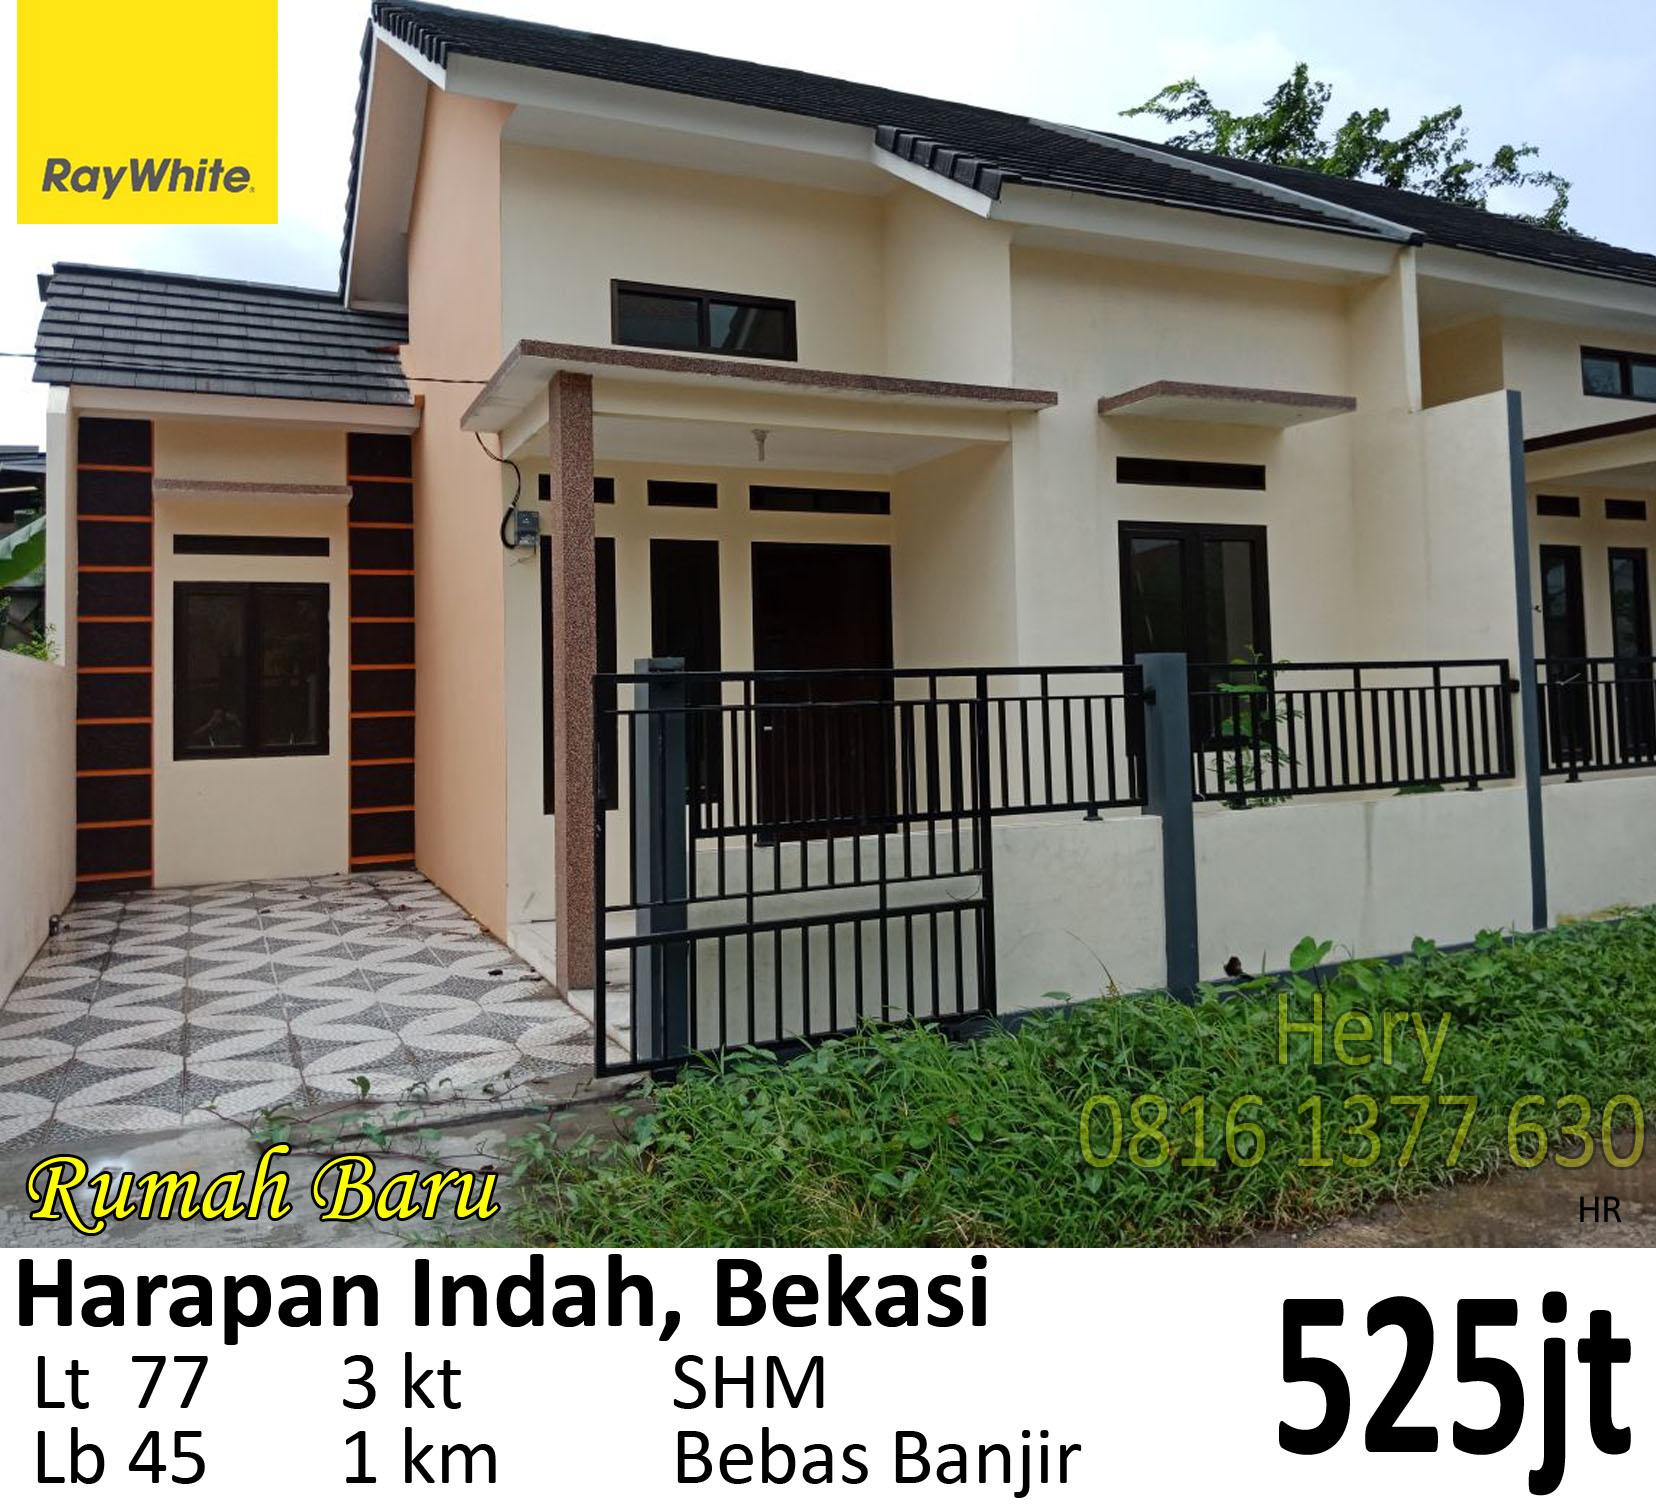 Dijual Rumah Baru di Harapan Indah Bekasi